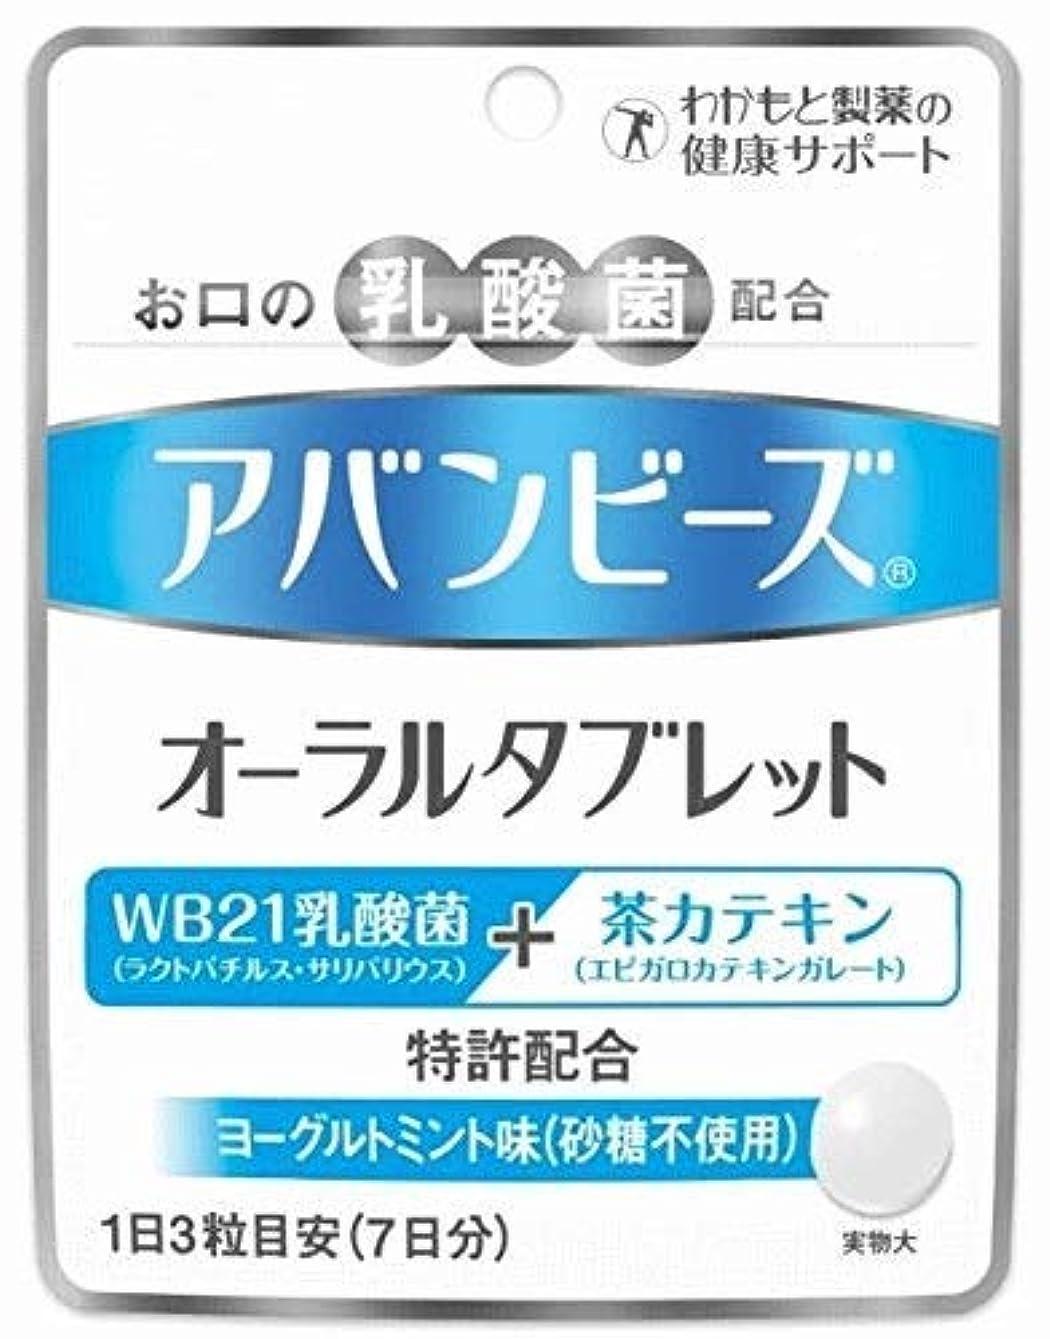 ラフトモール区画アバンビーズ オーラルタブレット 7日分(21粒入)×10個セット